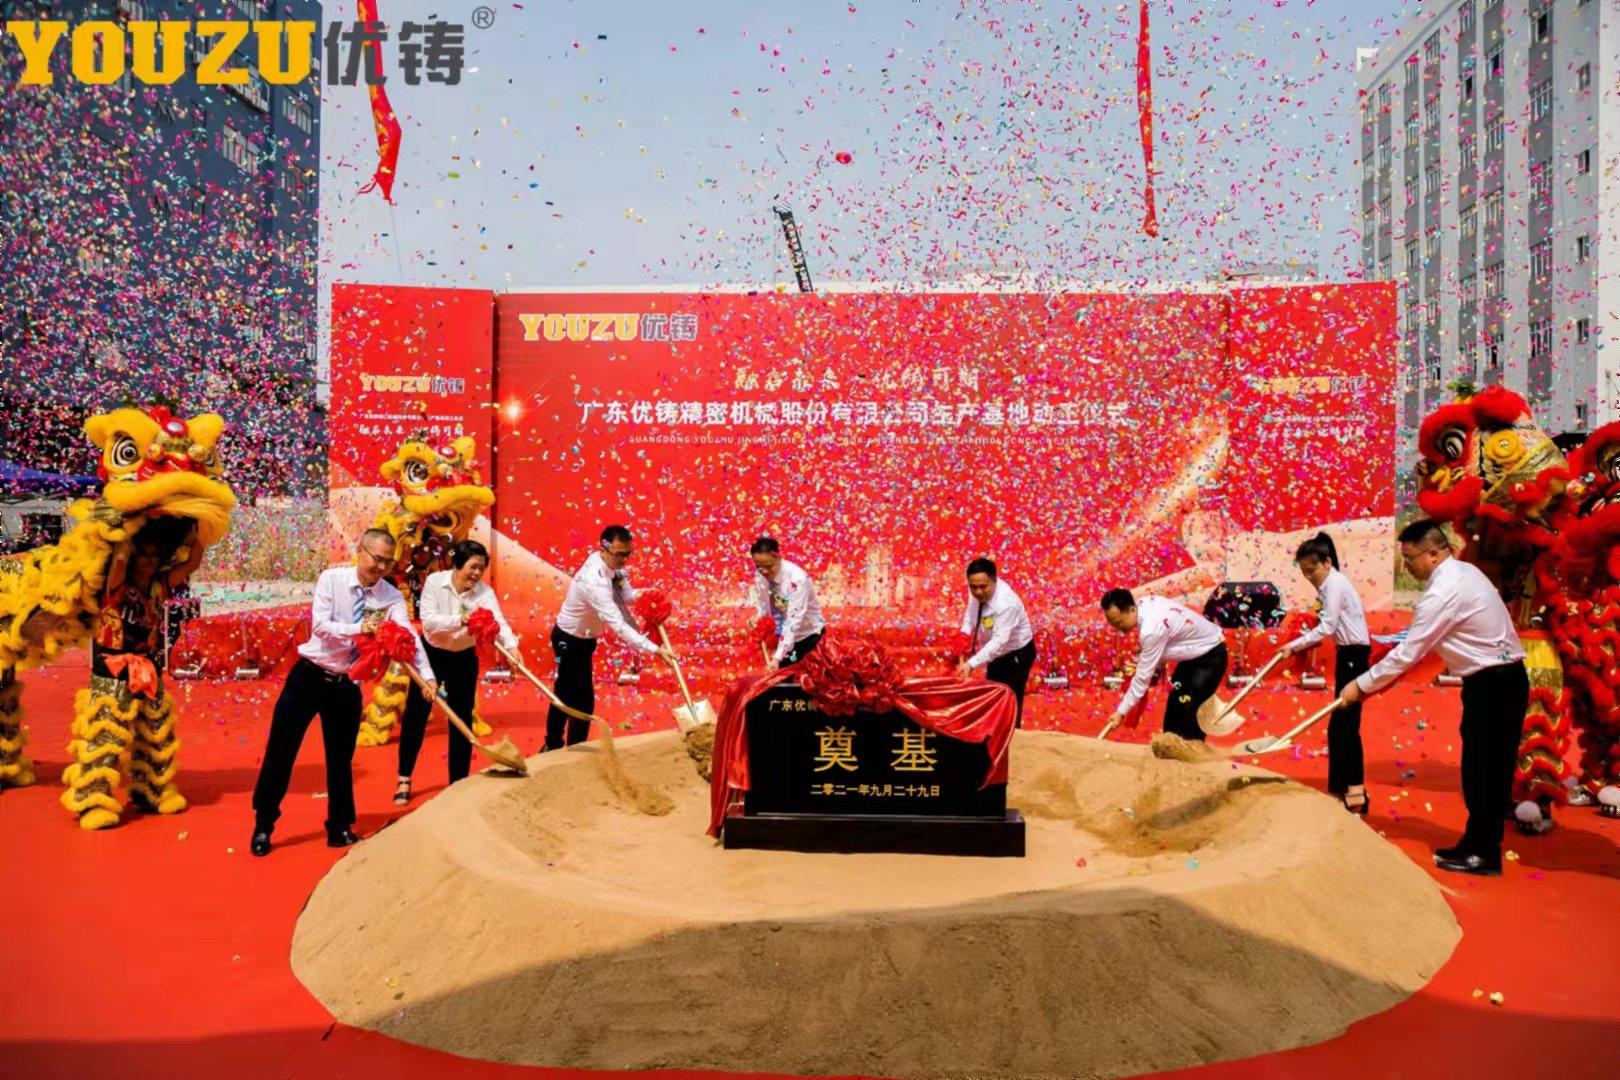 融启未来  优铸可期---广东优铸精密机械股份有限公司新厂区奠基典礼隆重举行